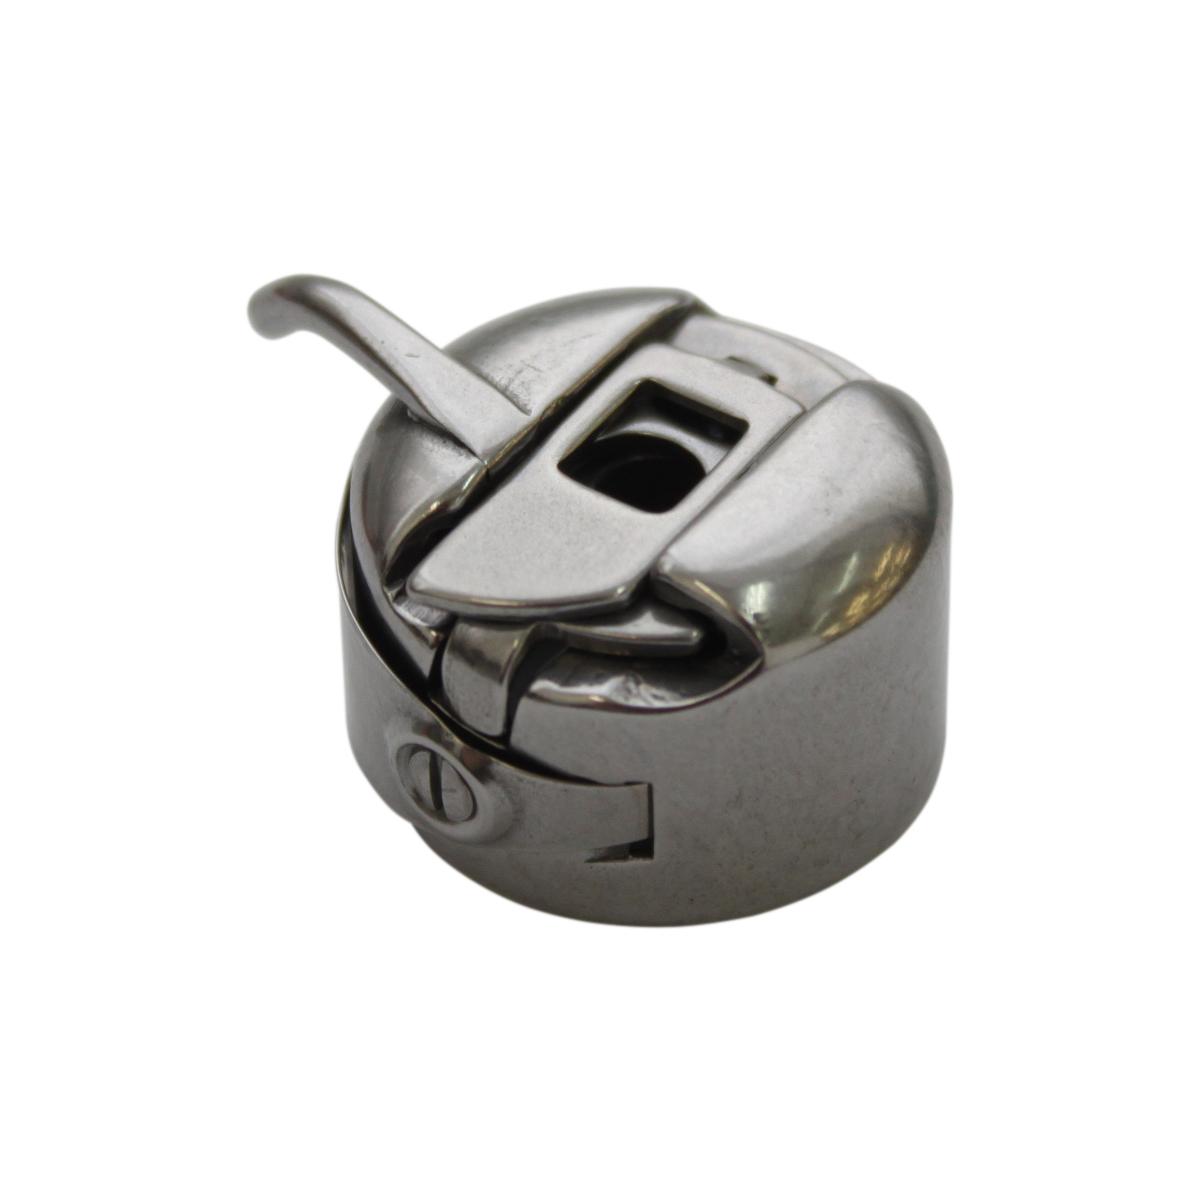 Шпульный колпачок Bestex SINGER, правоходный к БШМ запчасть tetra крепление для внутреннего фильтра easycrystal 250